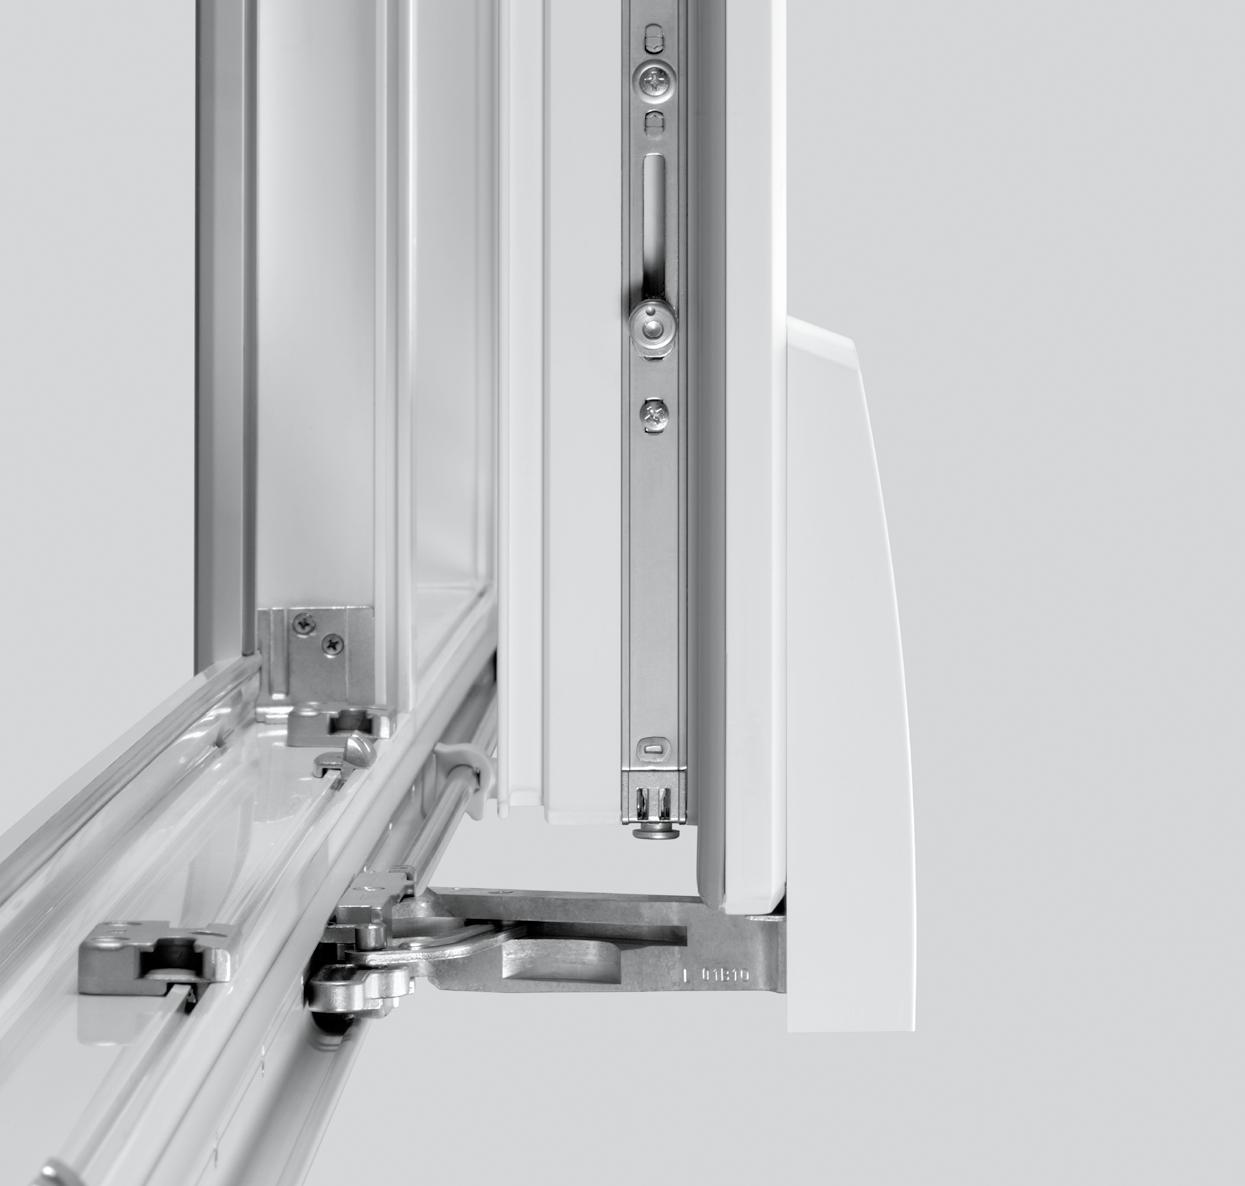 Регулировка балконных раздвижных пластиковых окон.